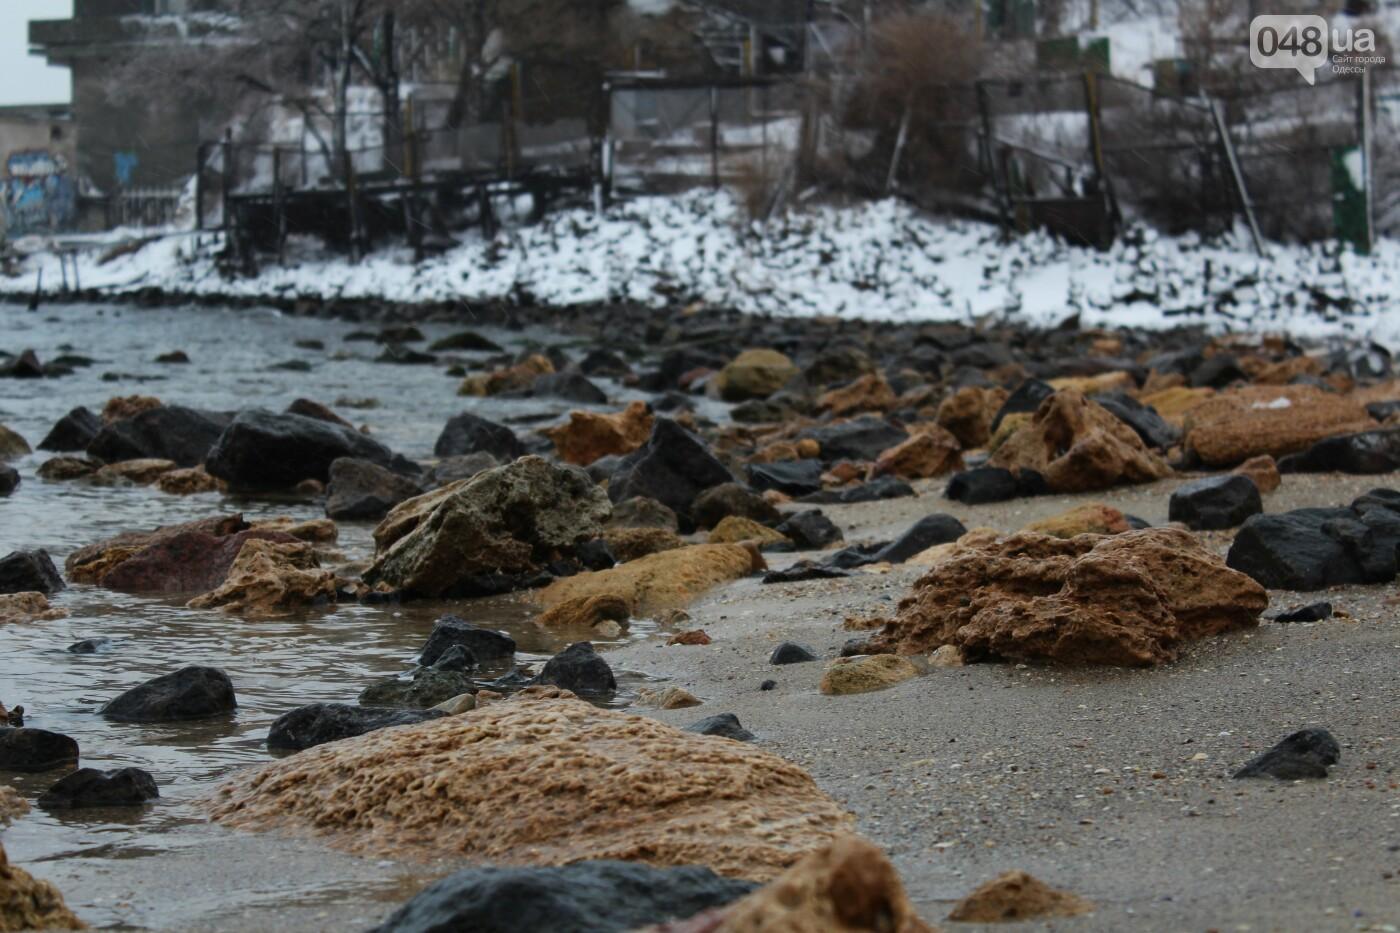 В Одессе побережье засыпало снегом: утки, котики и море, - ФОТОРЕПОРТАЖ, фото-4